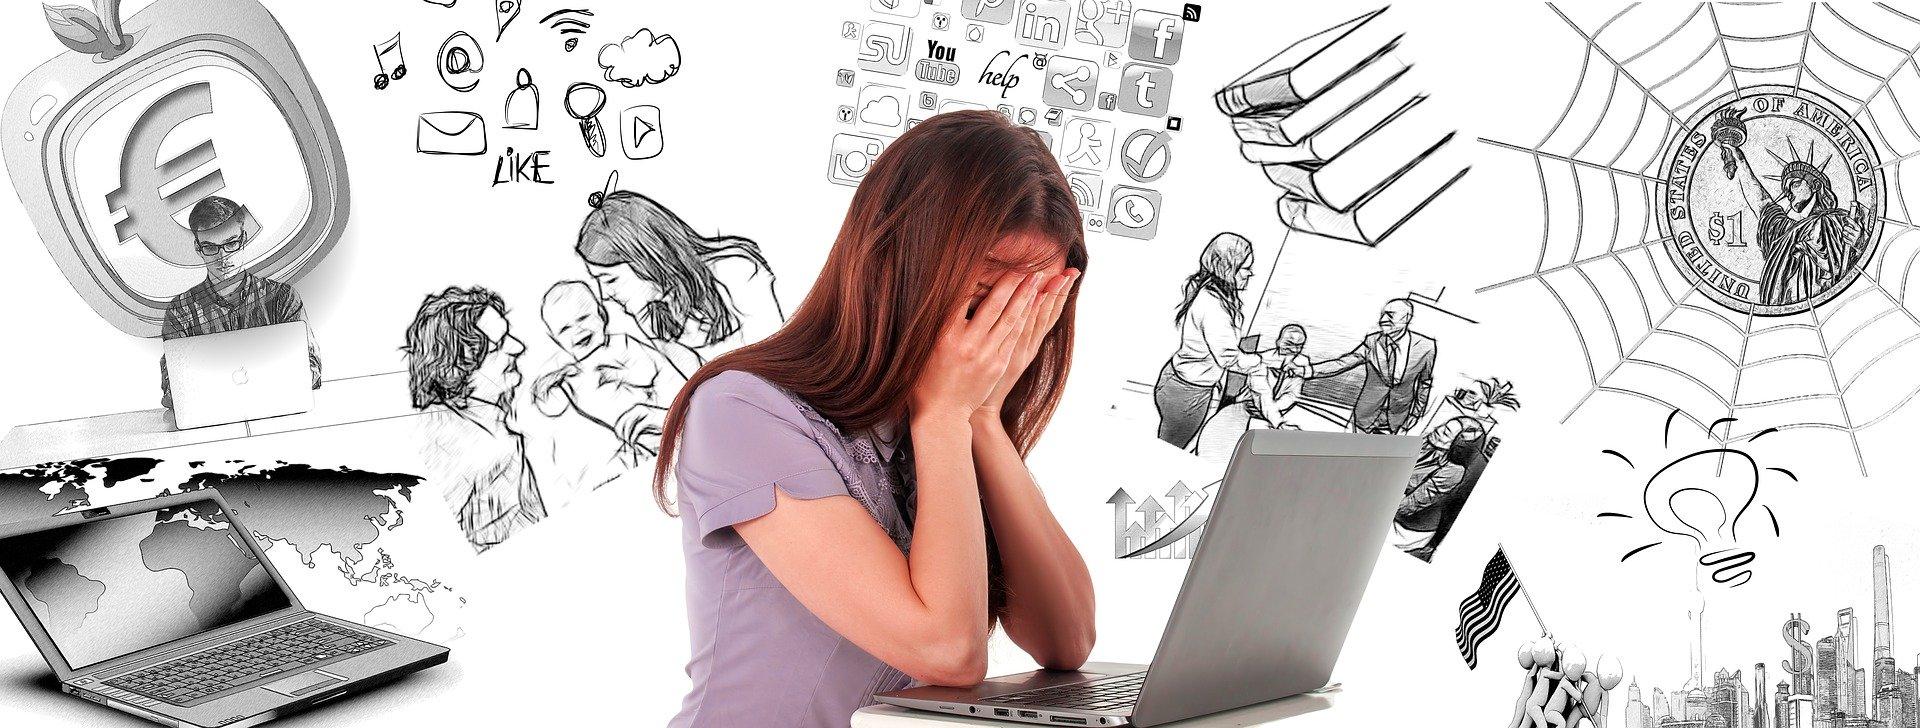 昼職の転職先を探す時、やりたいことが見つからない人は多い